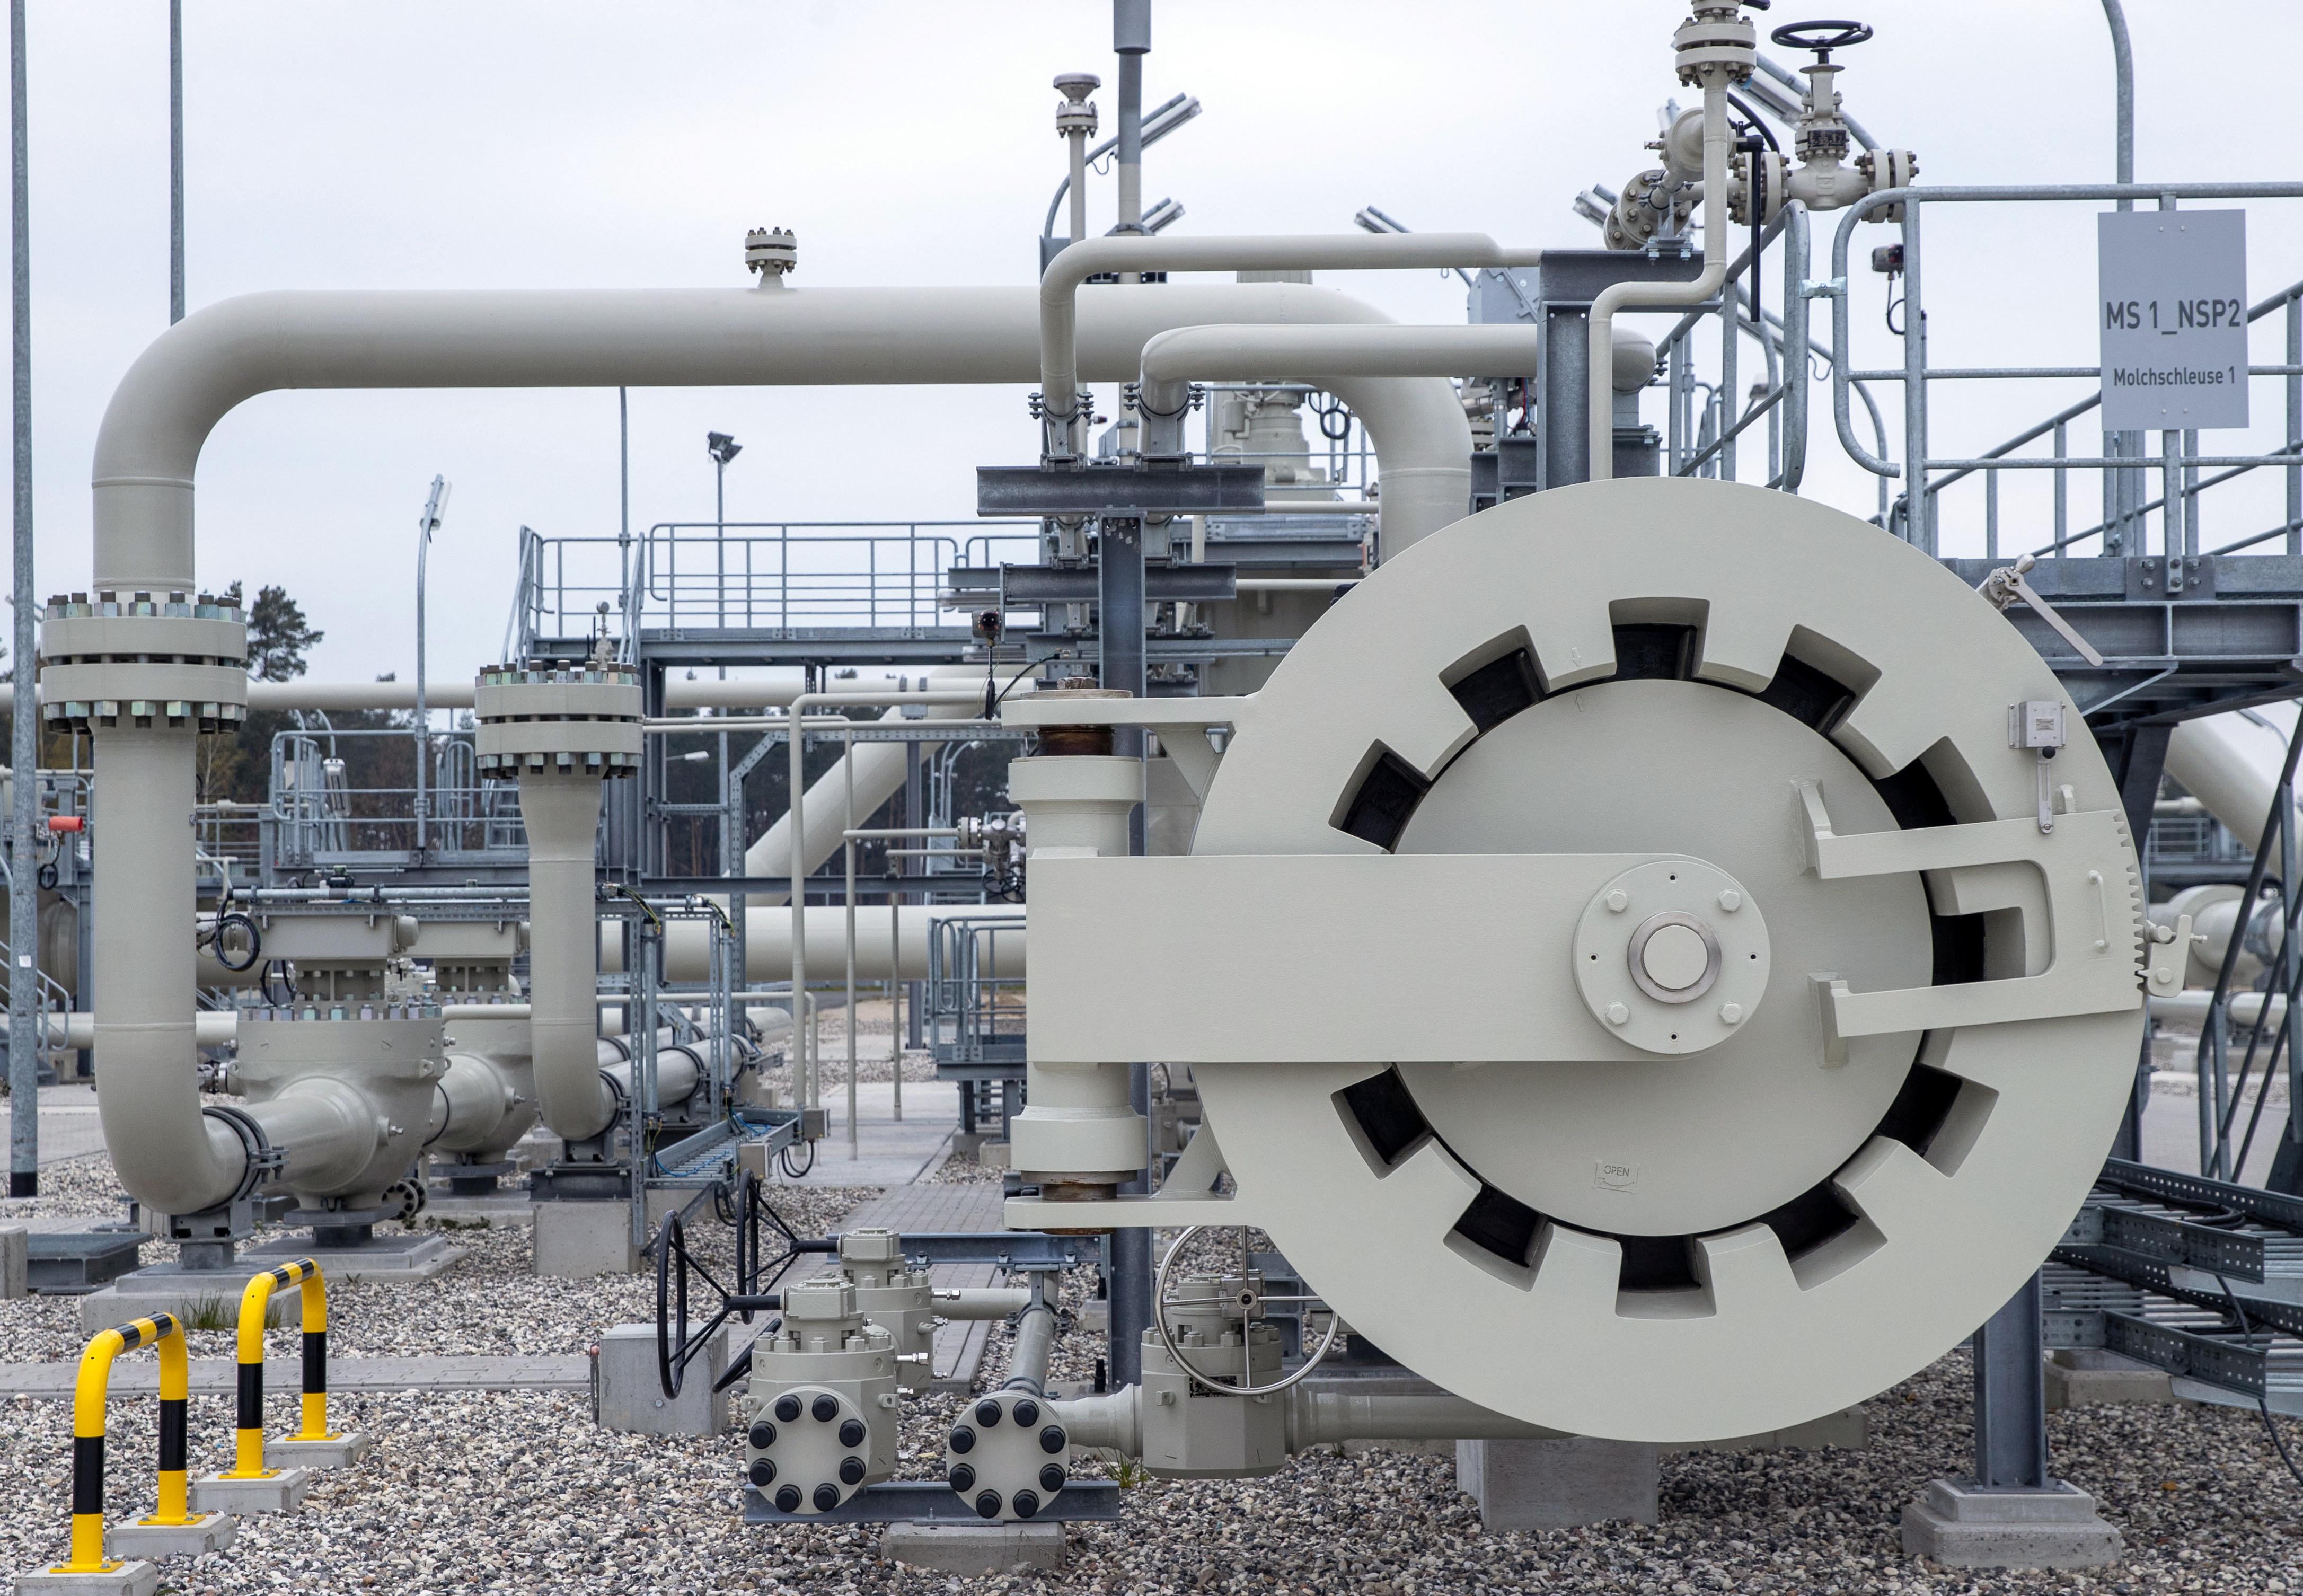 A Nemzetközi Energiaügynökség felszólította Oroszországot, hogy tegyen többet Európa gázellátásáért